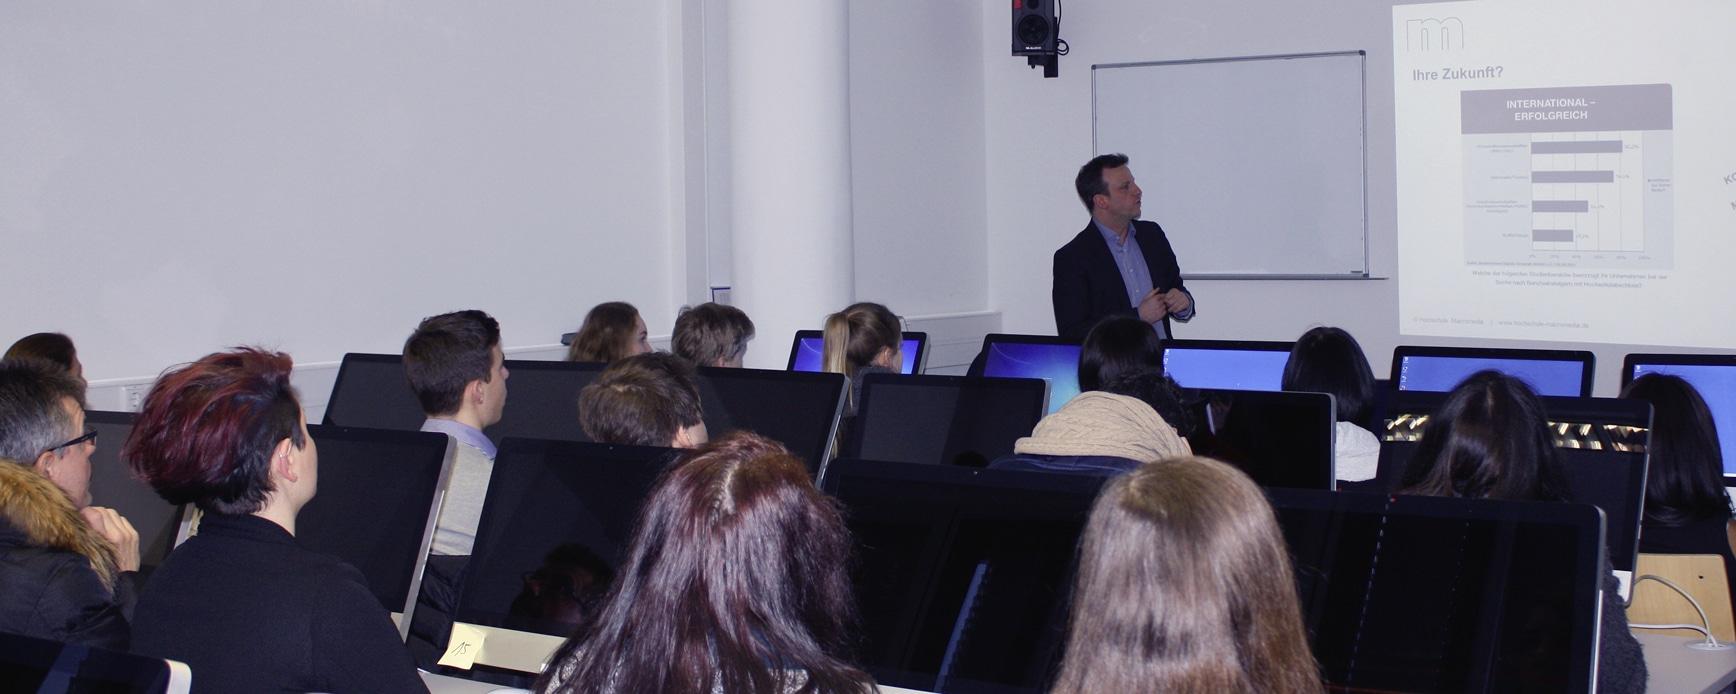 Ausbildung bei der Macromedia Akademie ein Mix aus Theorie und Praxis copyright: Macromedia Akademie